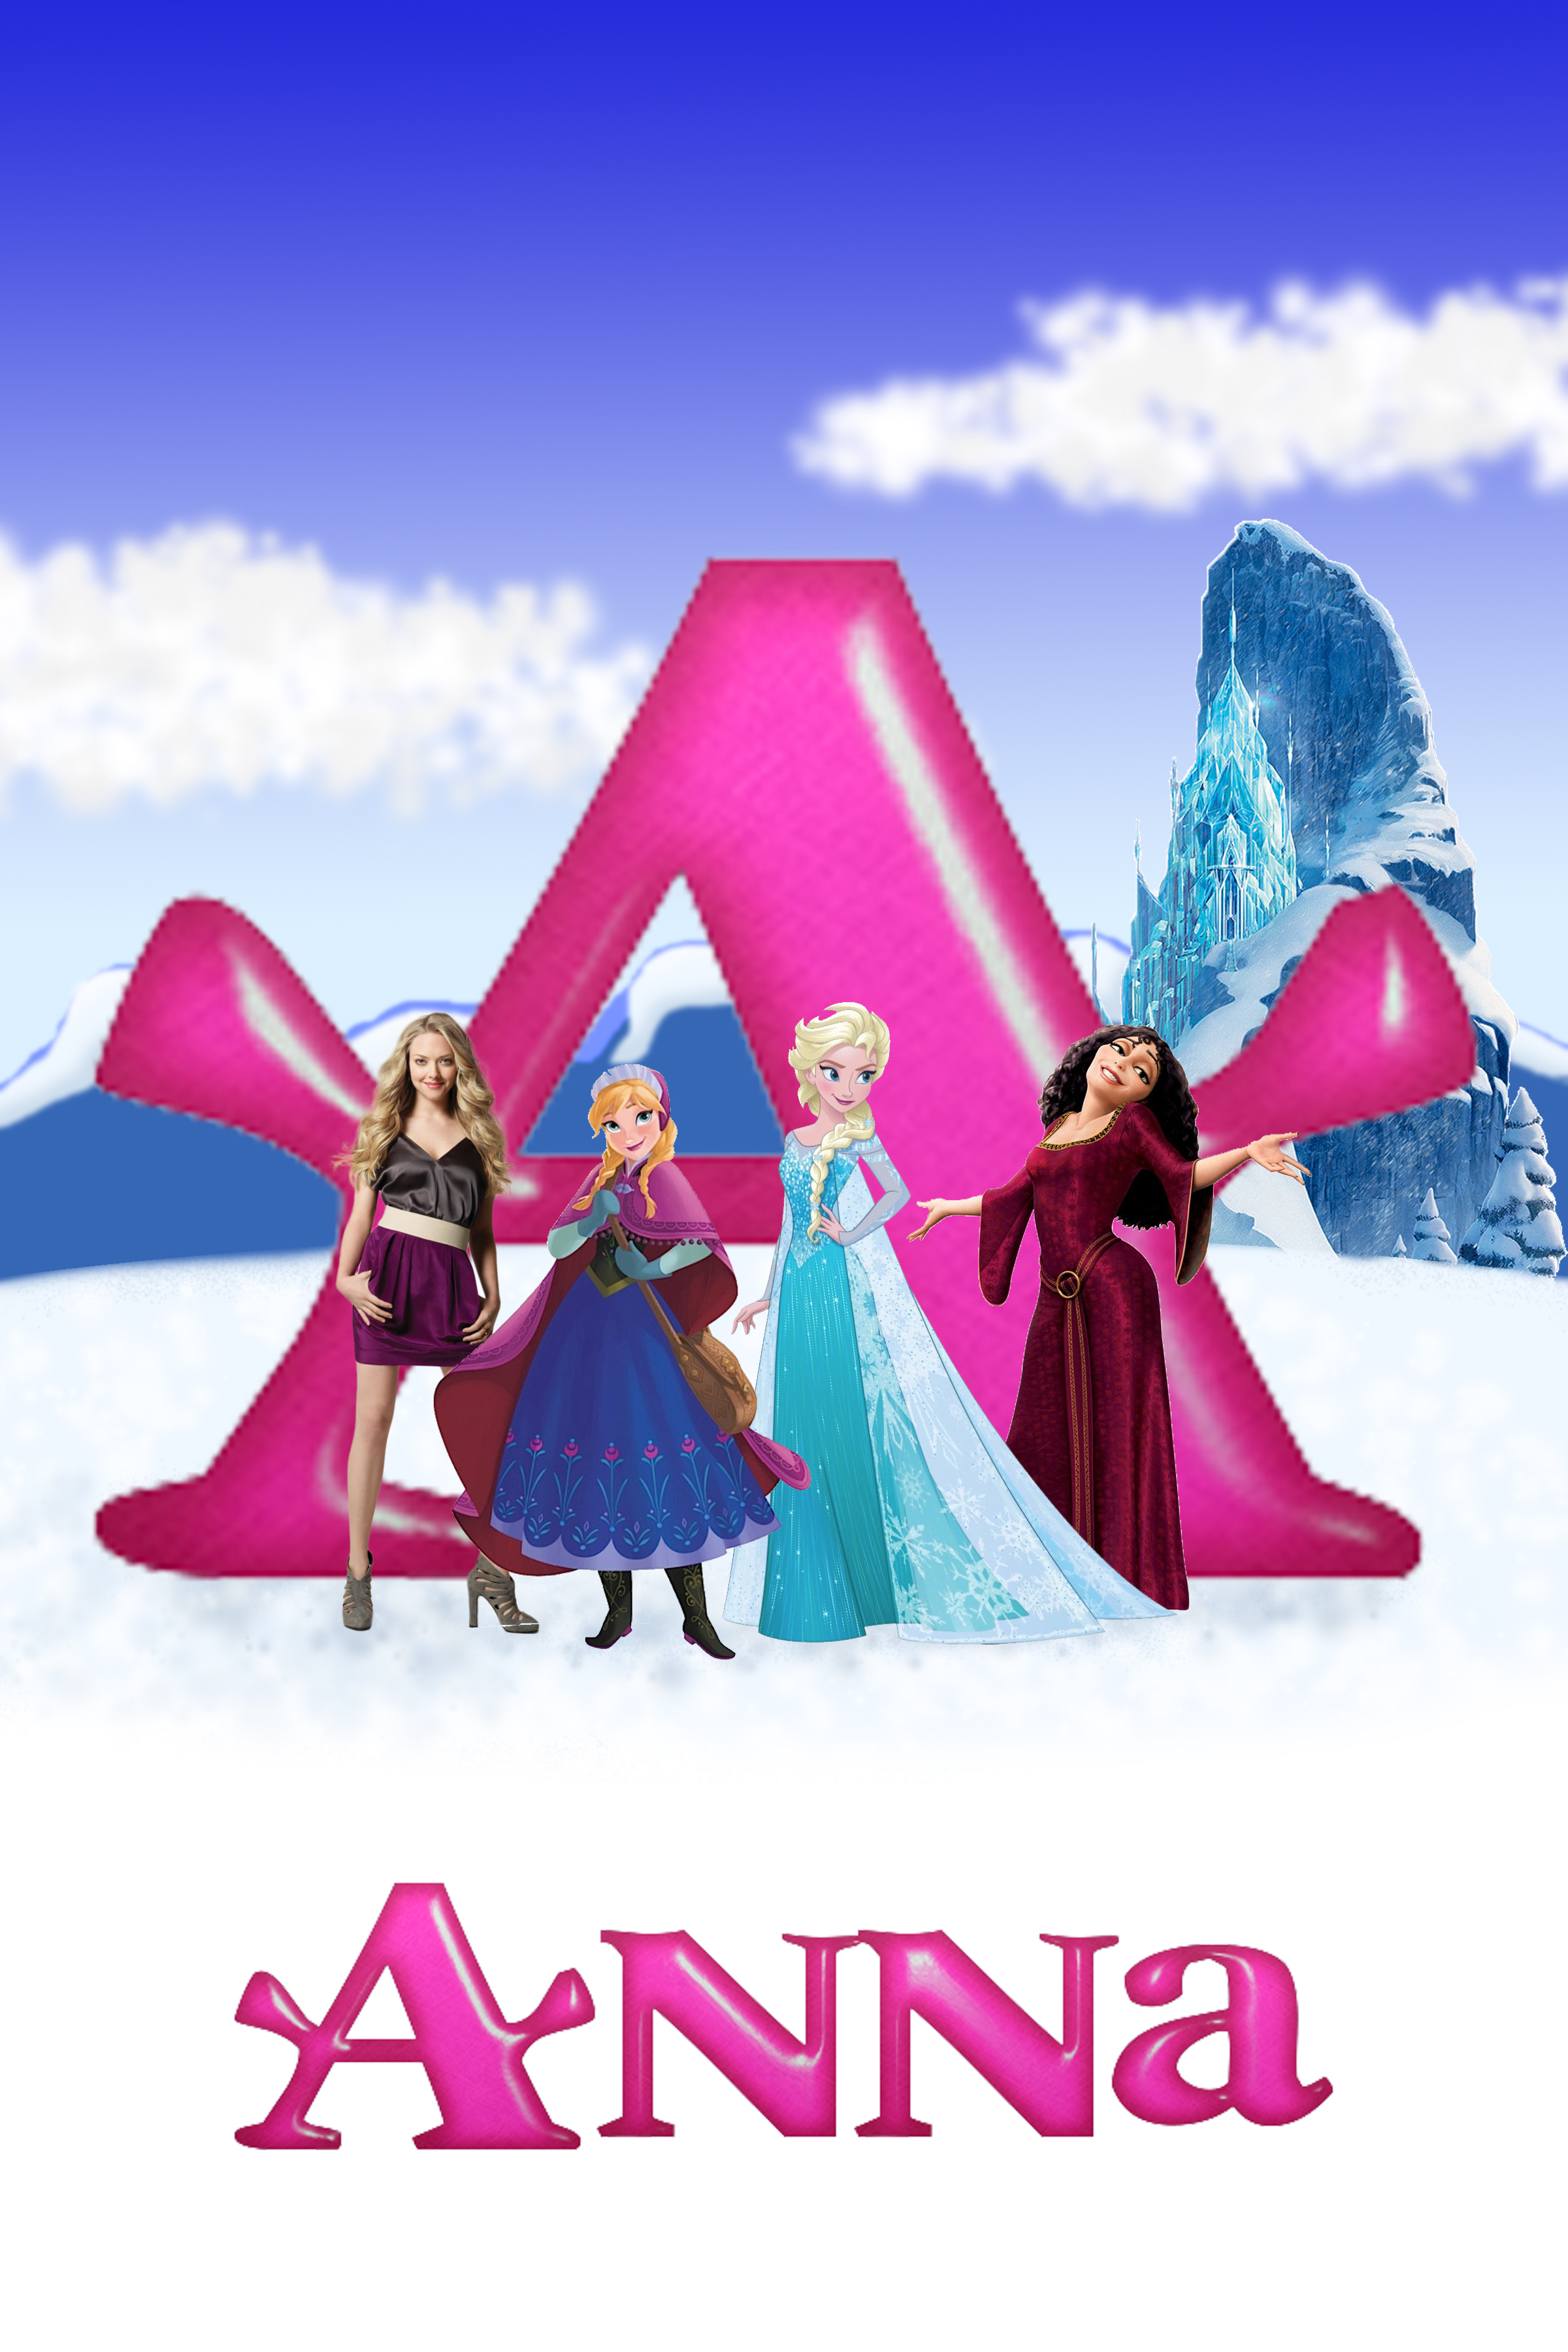 Anna (Shrek) (film)